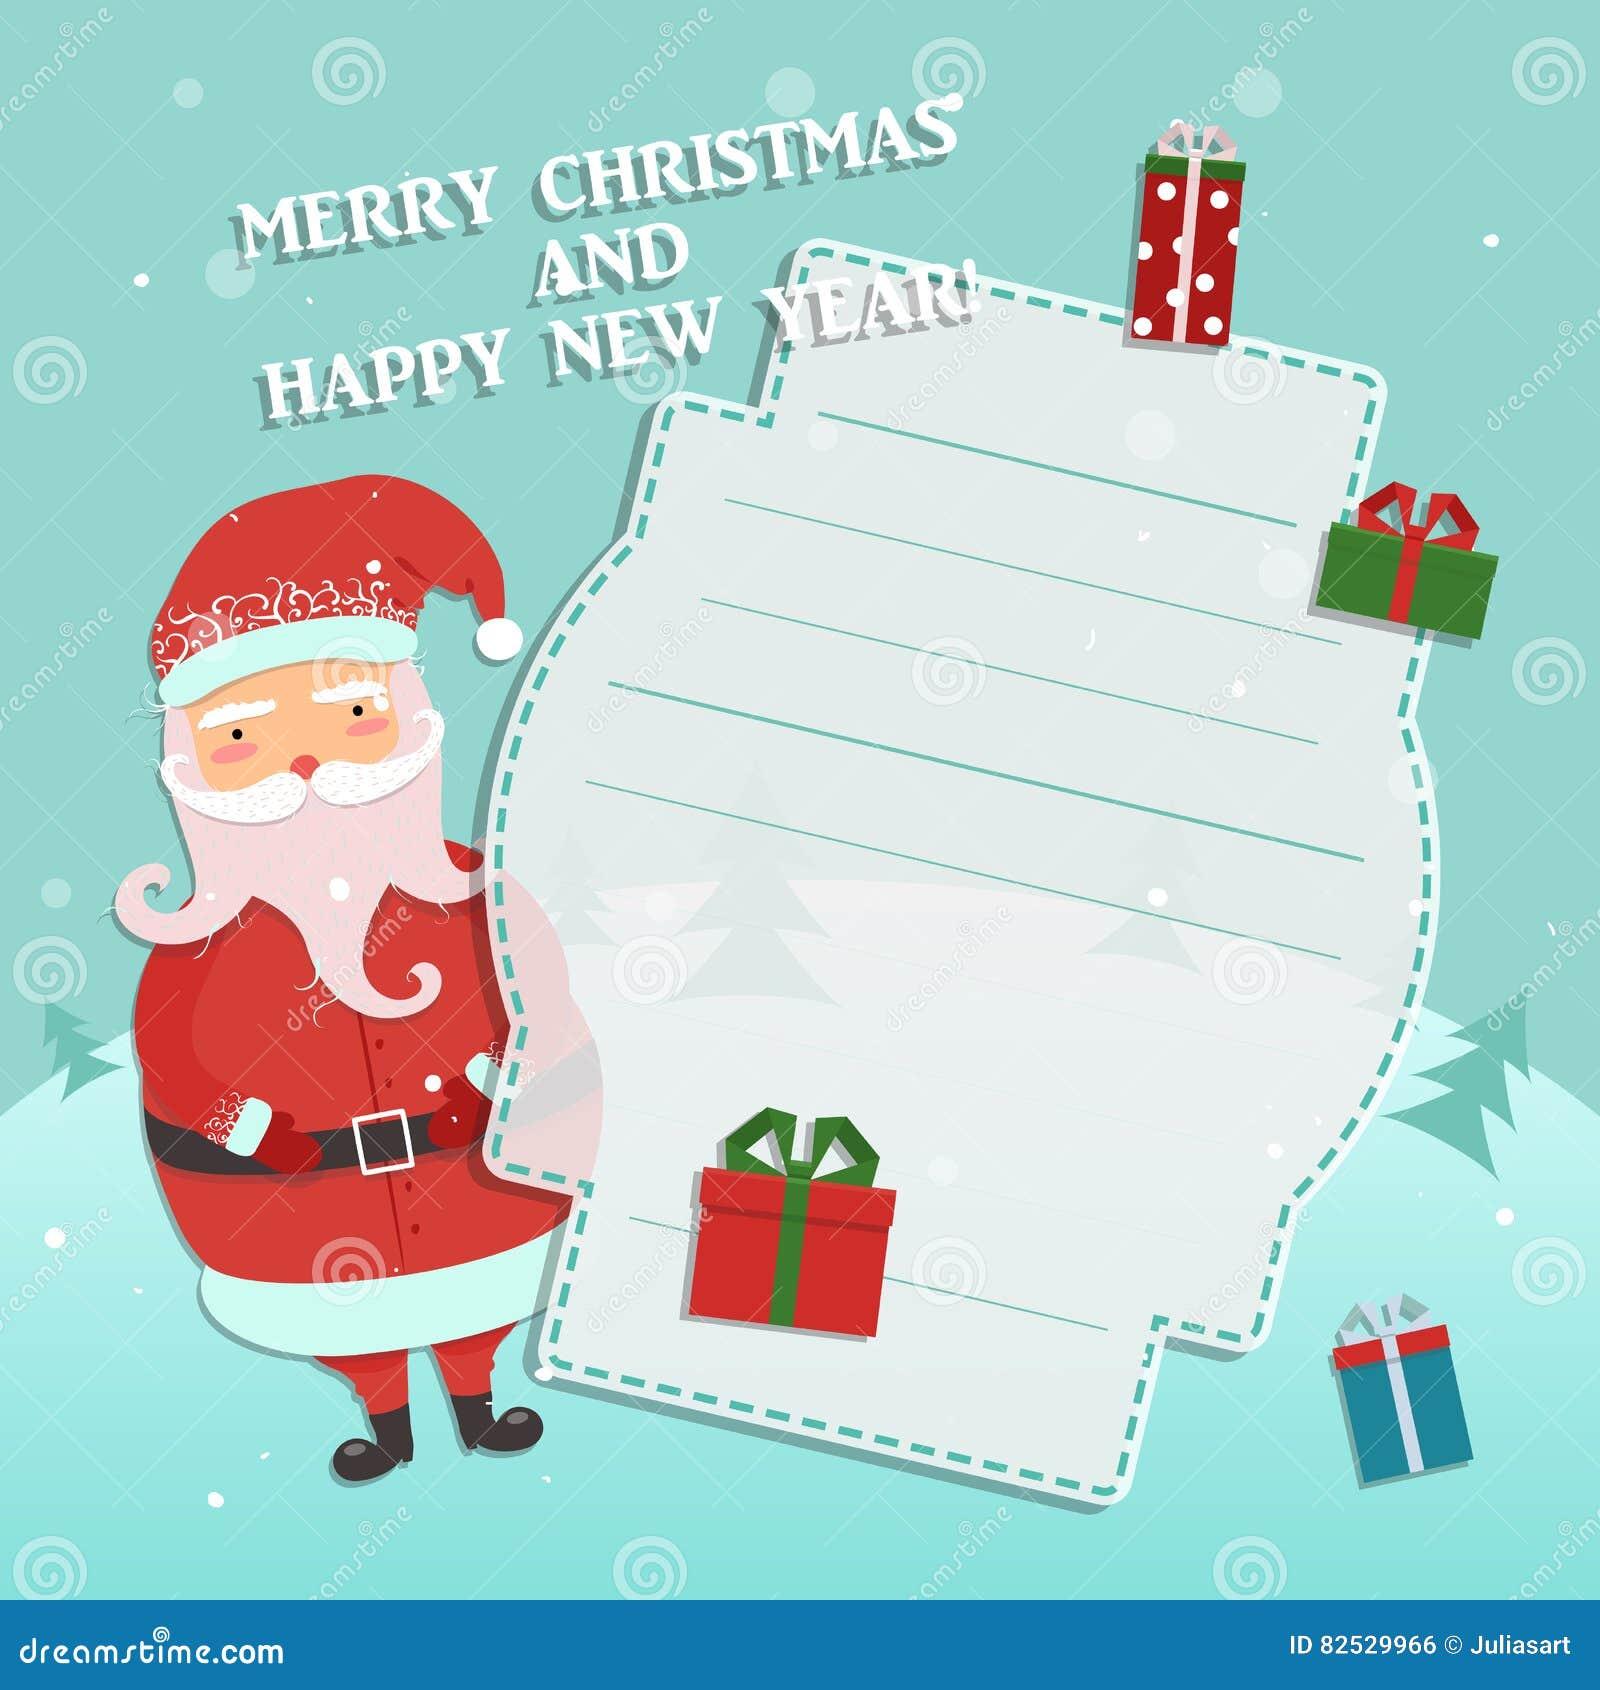 Weihnachten Bilder Bearbeiten.Lustige Karikatur Weihnachtsmann Winterwaldhintergrund Weihnachten